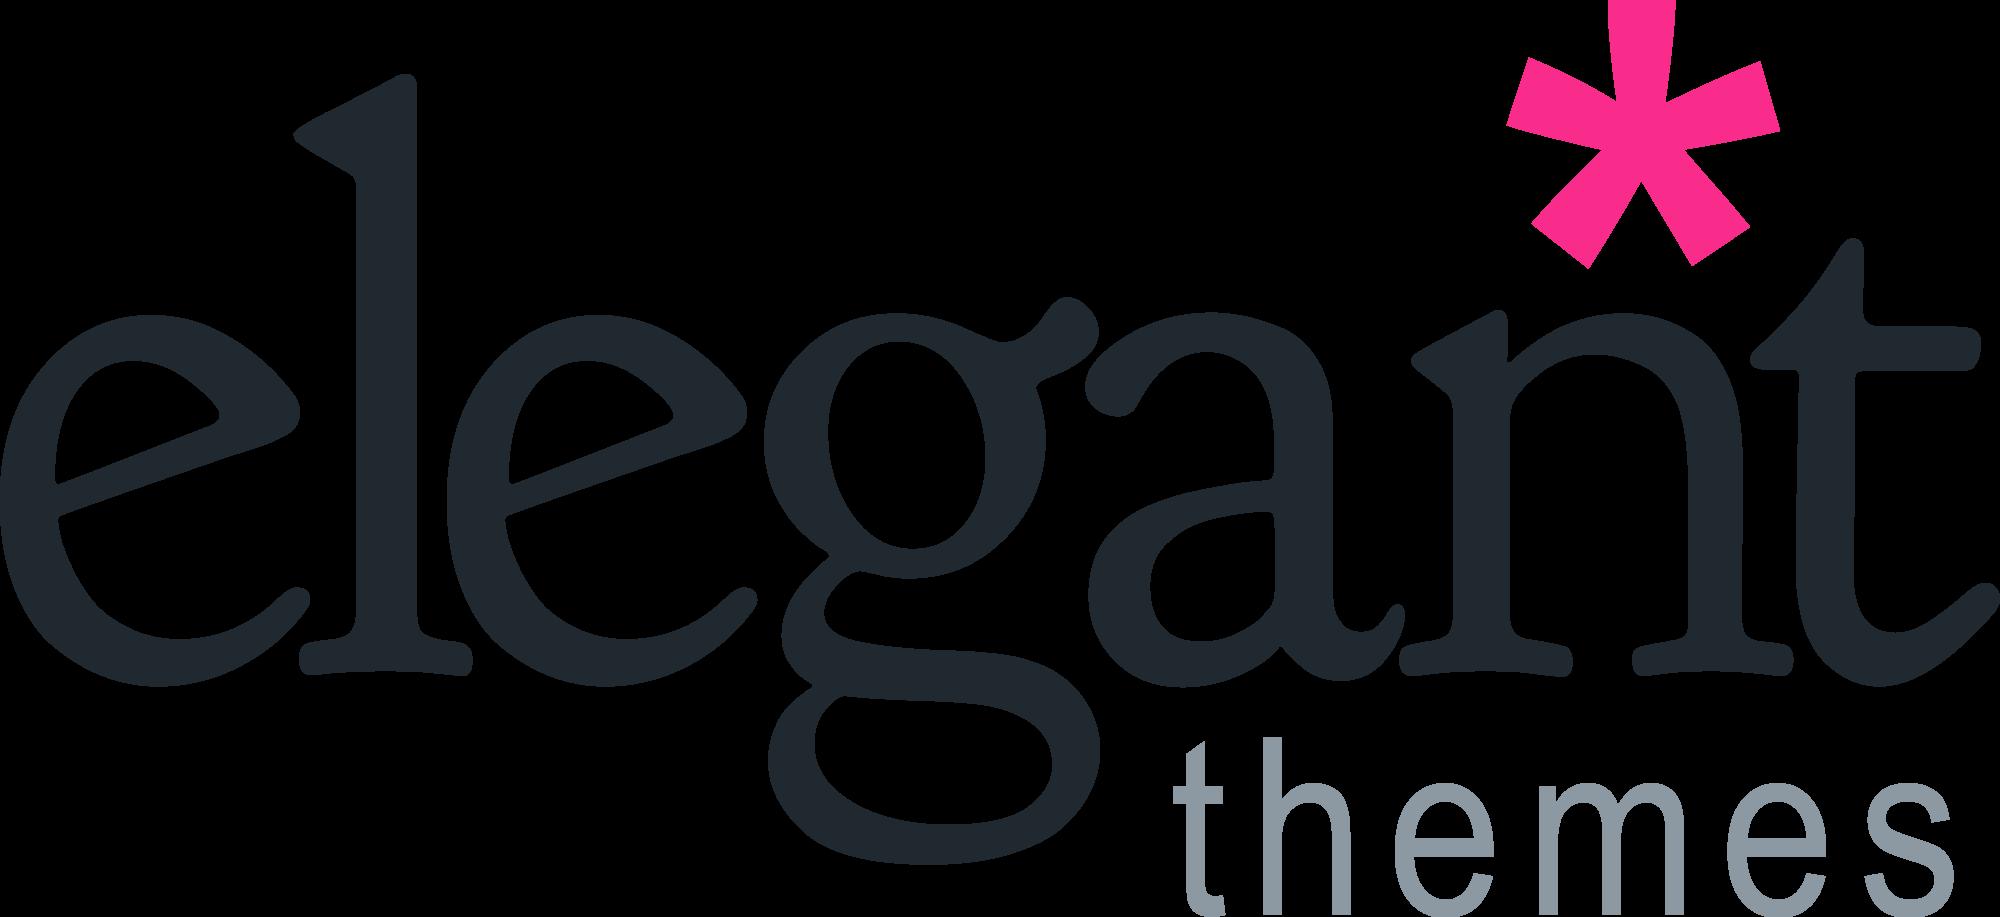 Elegant Themes Logo WPism